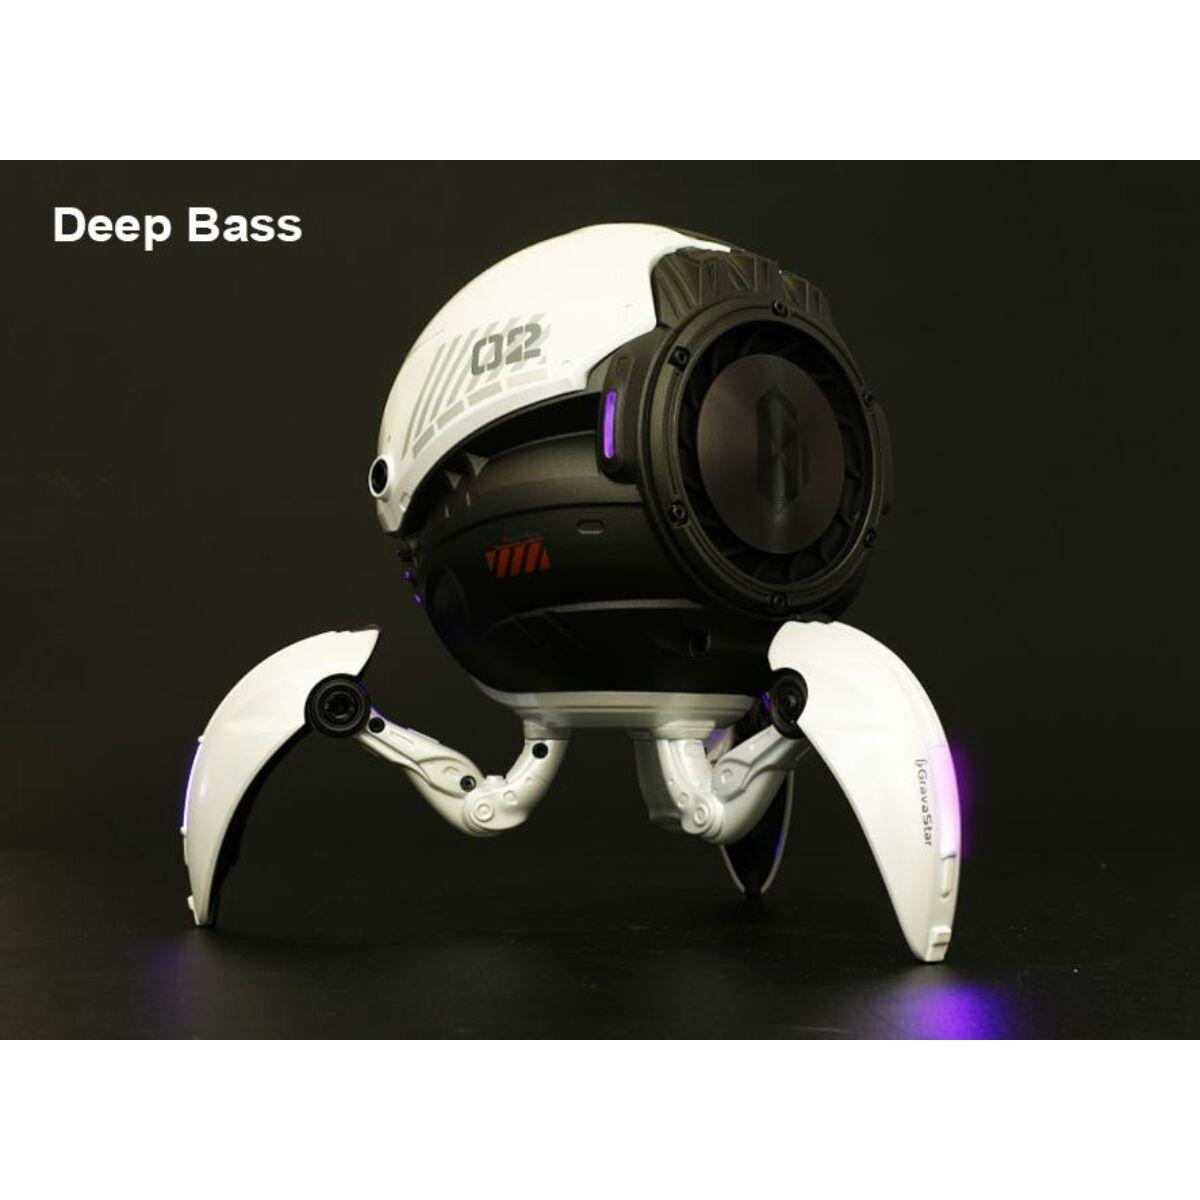 Gravastar hordozható hangszóró, Mars, Bluetooth 5.0, 20W, fehér EU